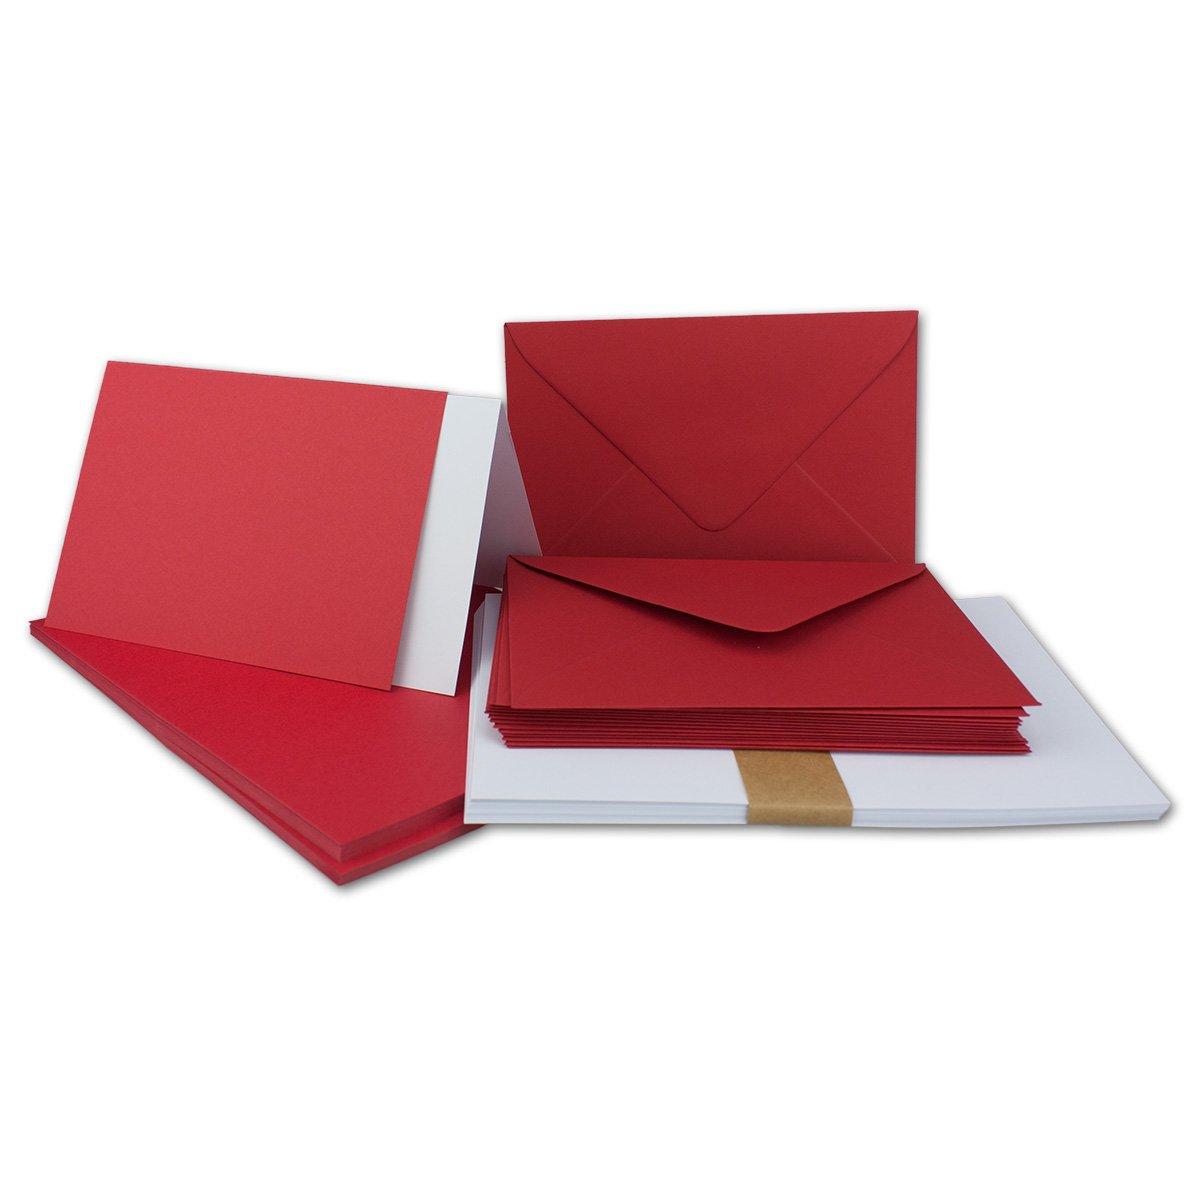 150 Sets - Faltkarten Hellgrau - DIN A5  Umschläge  Einlegeblätter DIN C5 - PREMIUM QUALITÄT - sehr formstabil - Qualitätsmarke  NEUSER FarbenFroh B07C2ZHG72 | Elegant Und Würdevoll